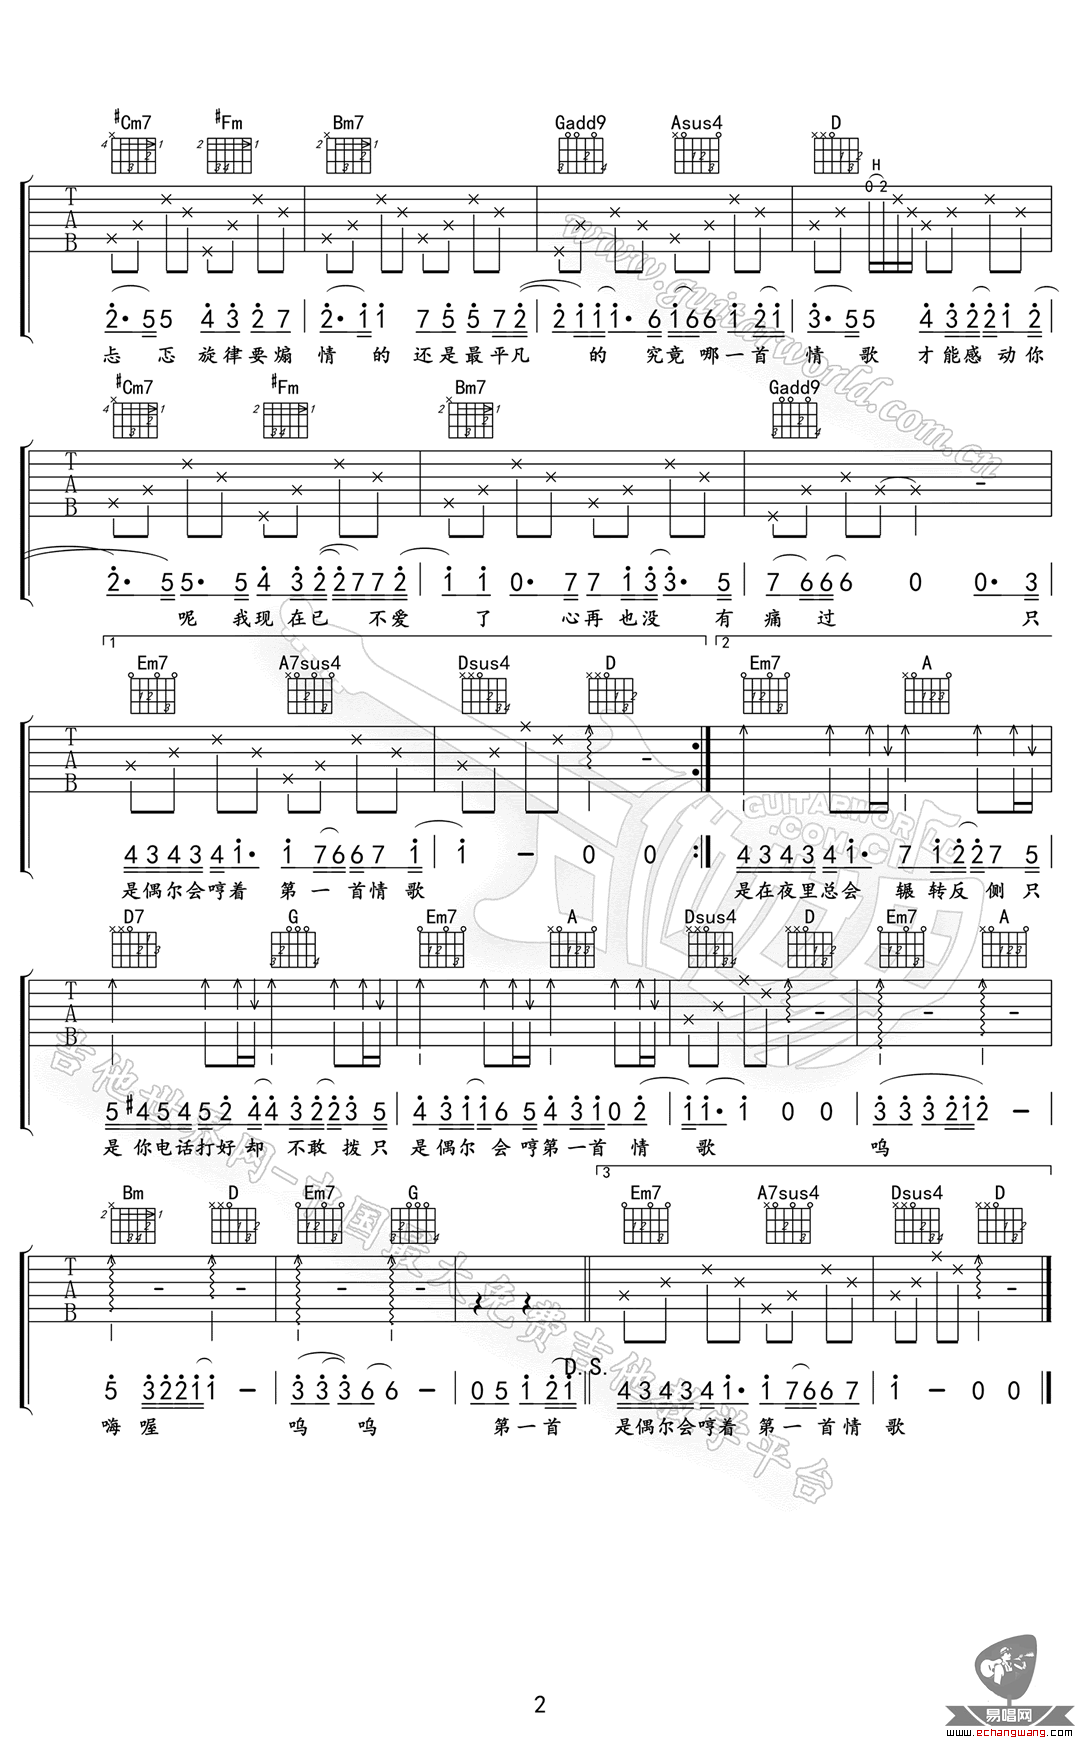 汪苏泷《第一首情歌》吉他谱 D调弹唱六线谱图片谱